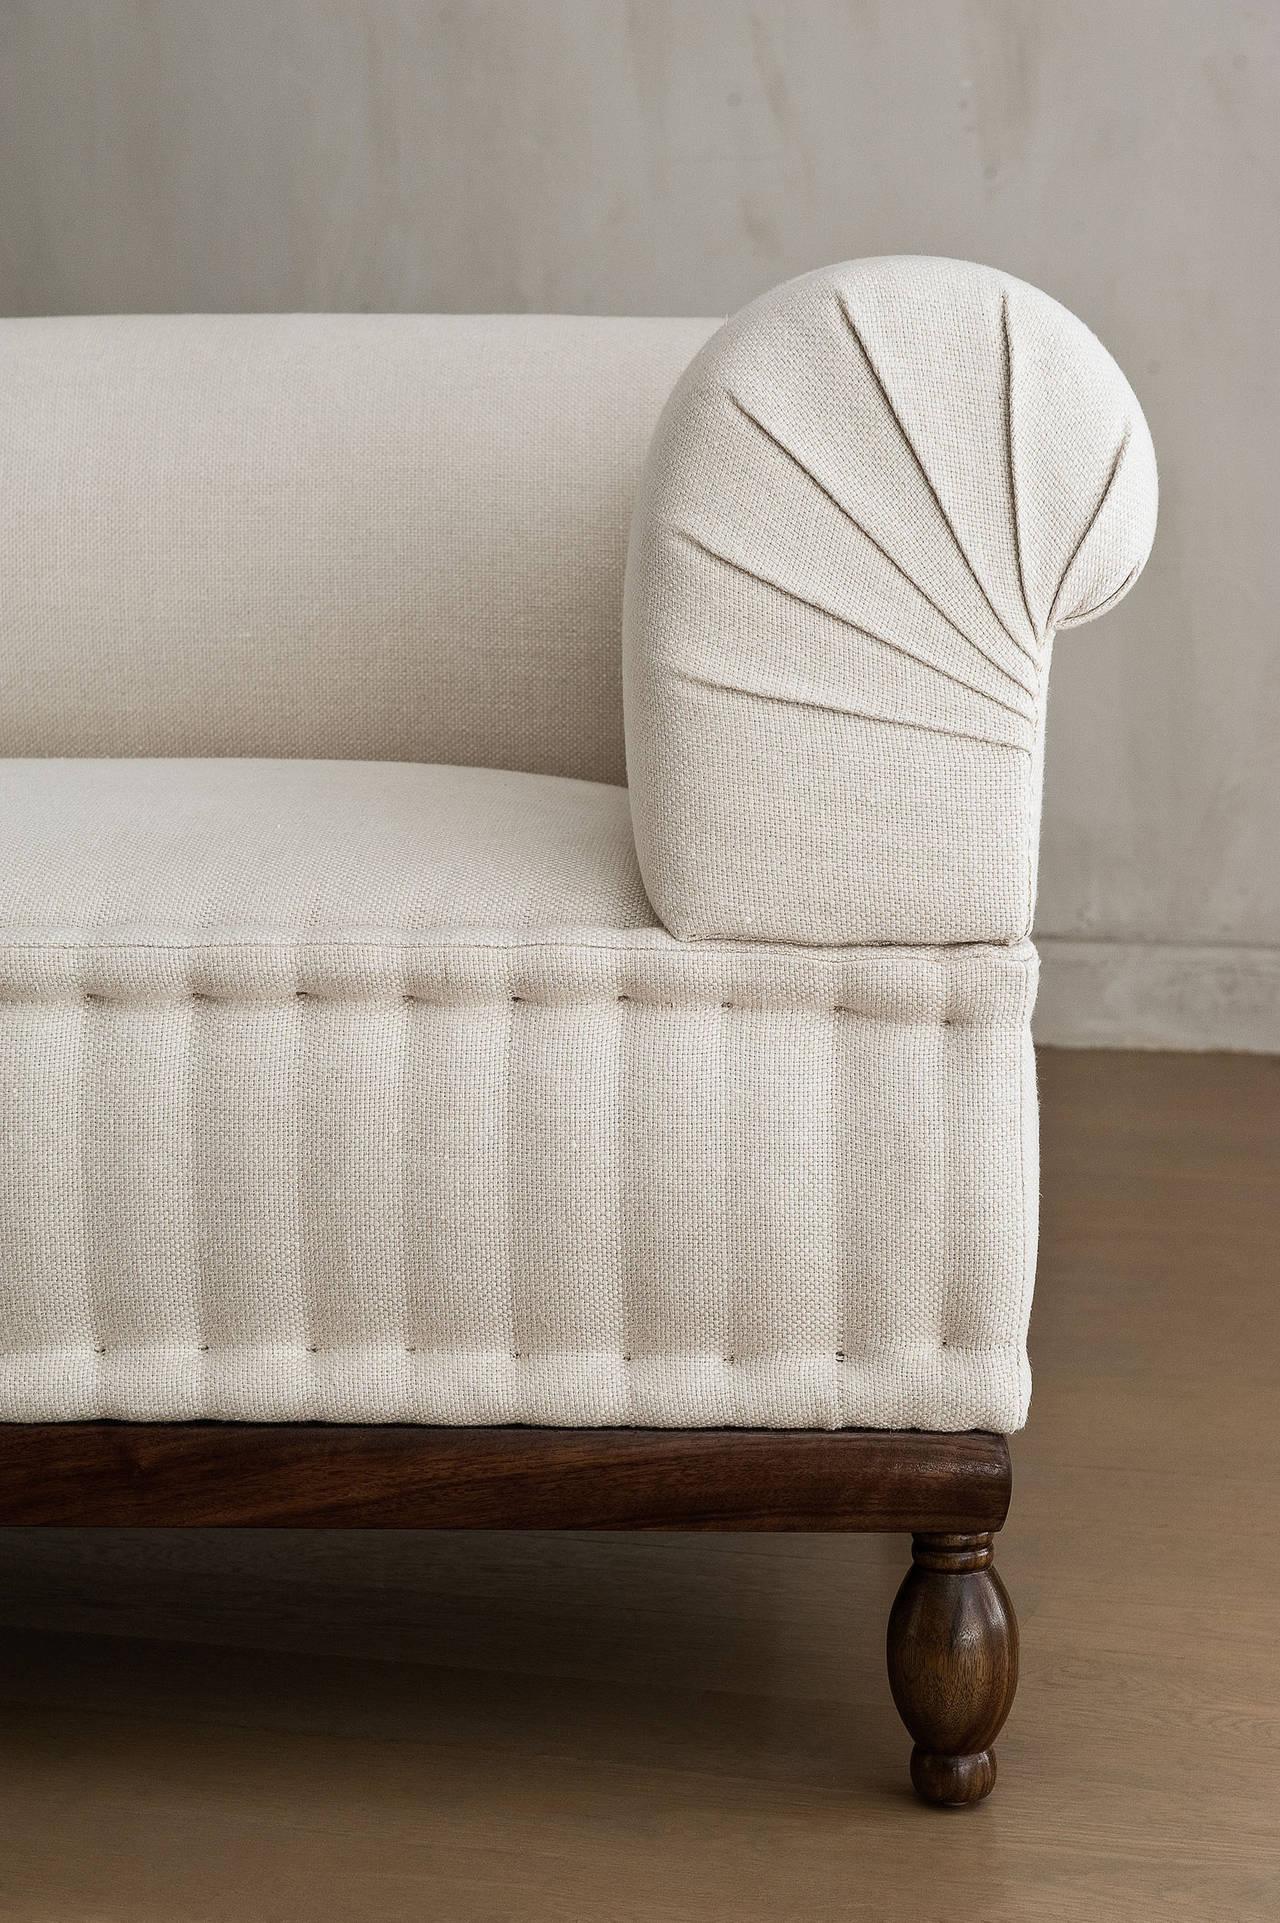 Brampton Pleated Sofa For Sale at 1stdibs : BramptonSofaPleated3l from www.1stdibs.com size 1280 x 1923 jpeg 424kB